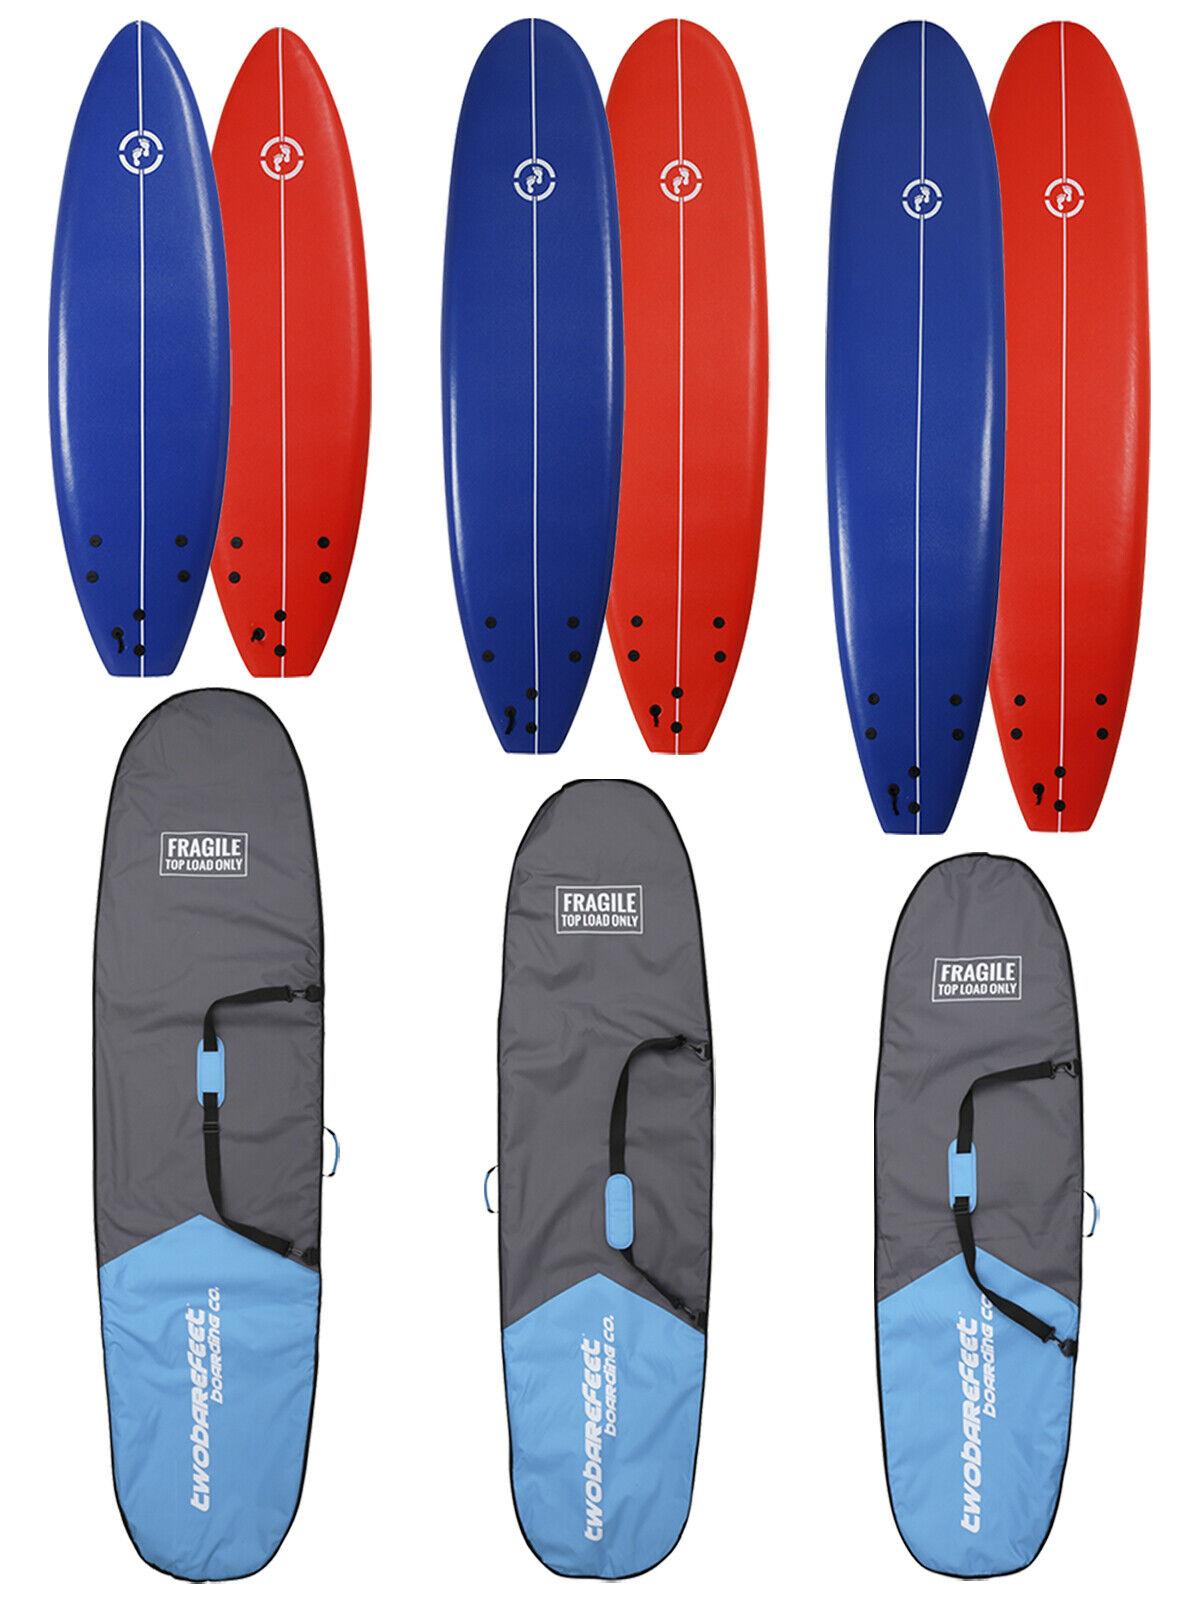 Two Bare Feet Foamie Surfboard 6ft, 7ft, 8ft Soft board with Reizen BoardZak